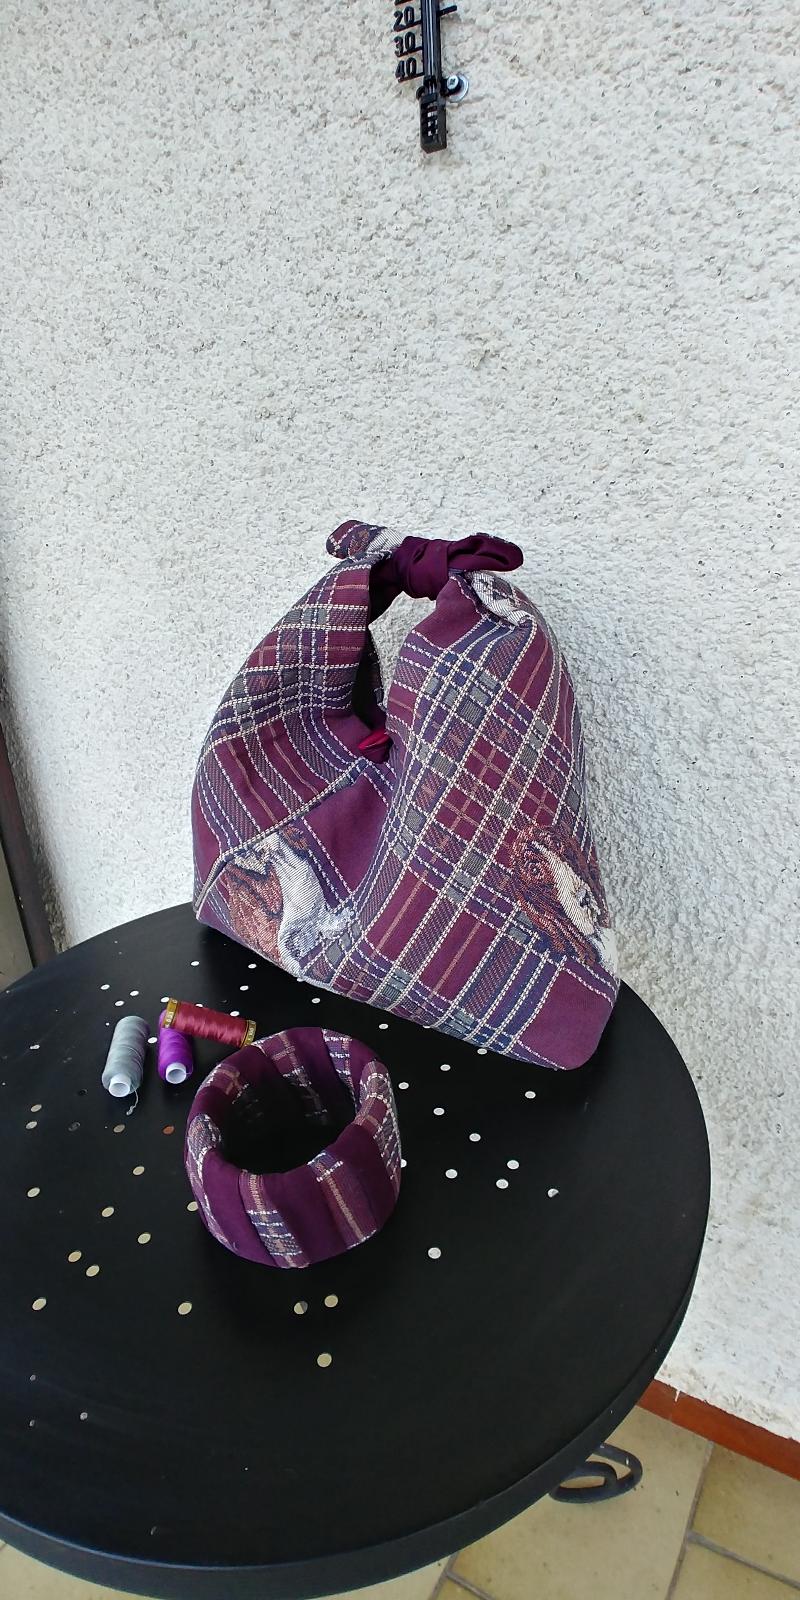 borsa-bassotto-bassethound-origami